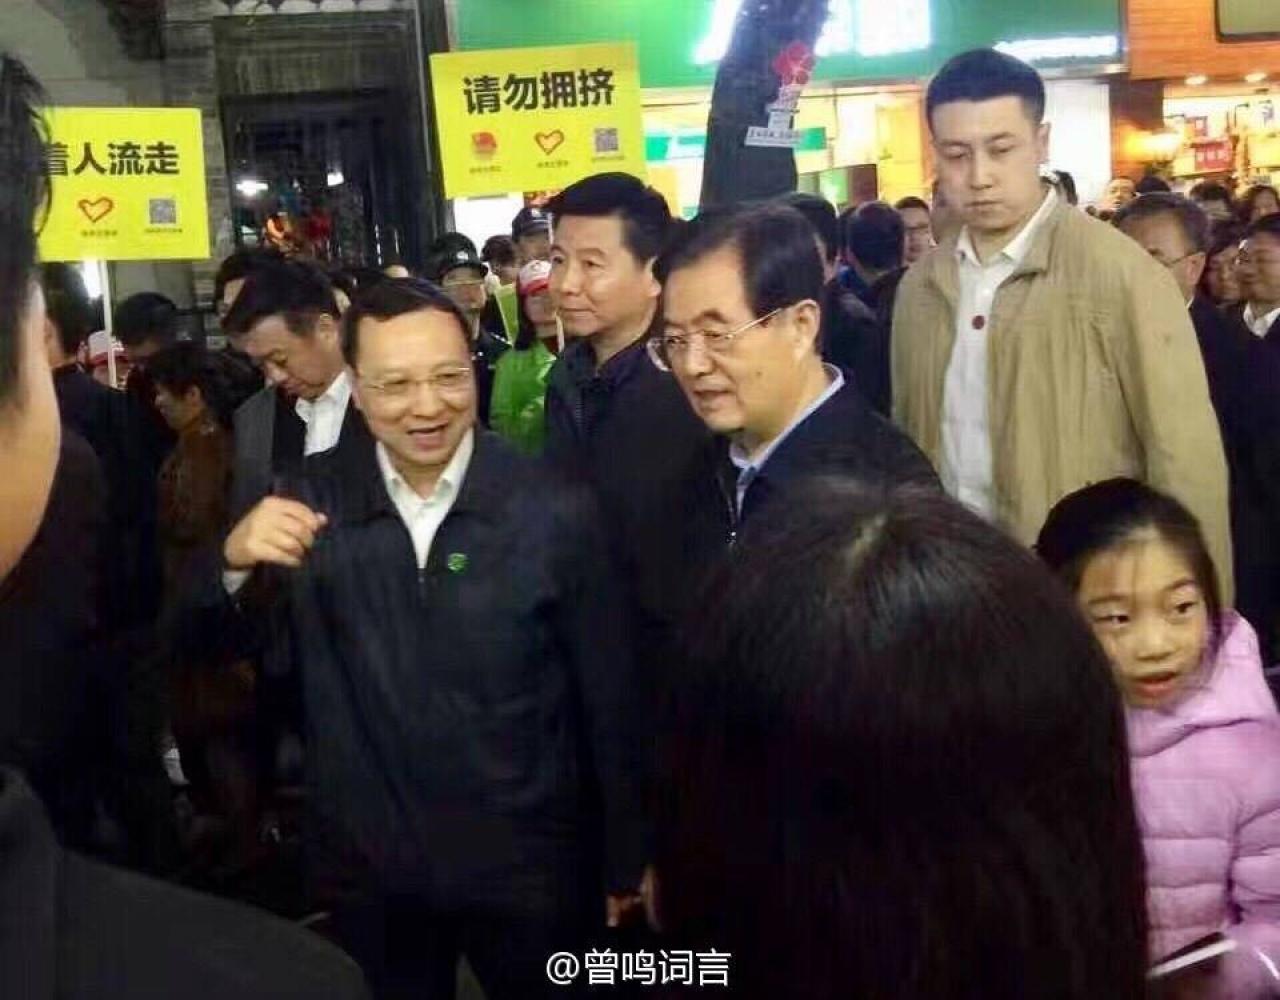 胡錦濤在大批民眾圍觀下逛花市。(網上圖片)